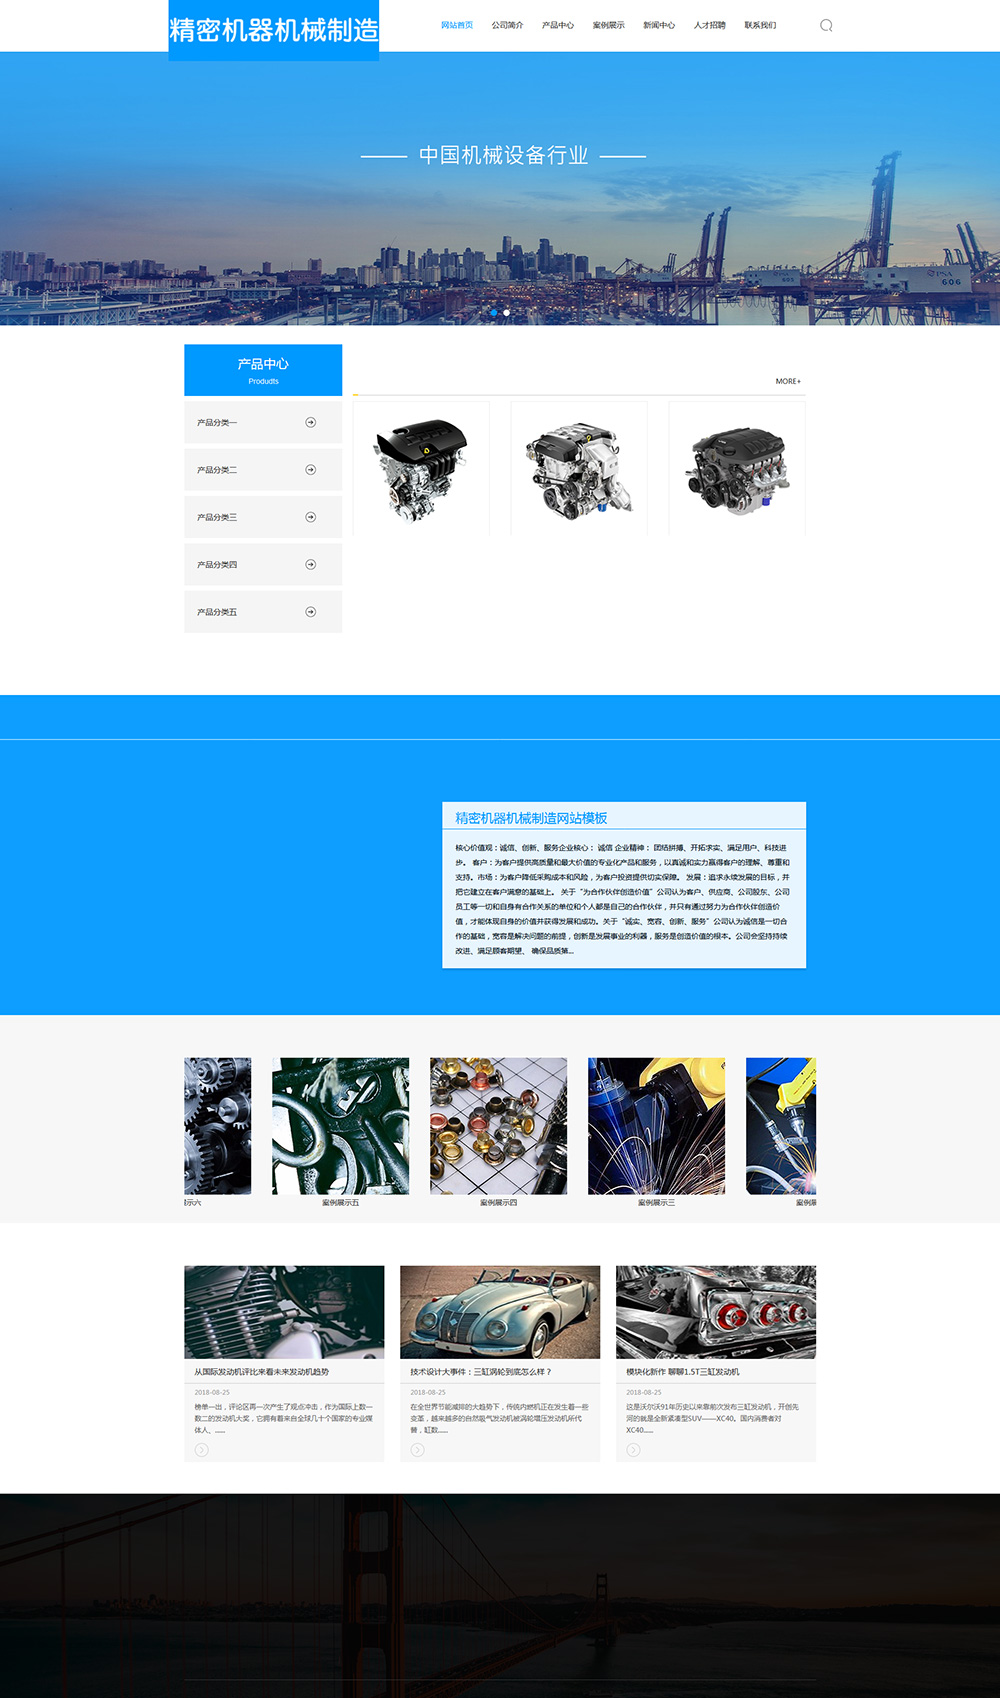 精密机器机械制造企业建站网站模板-896